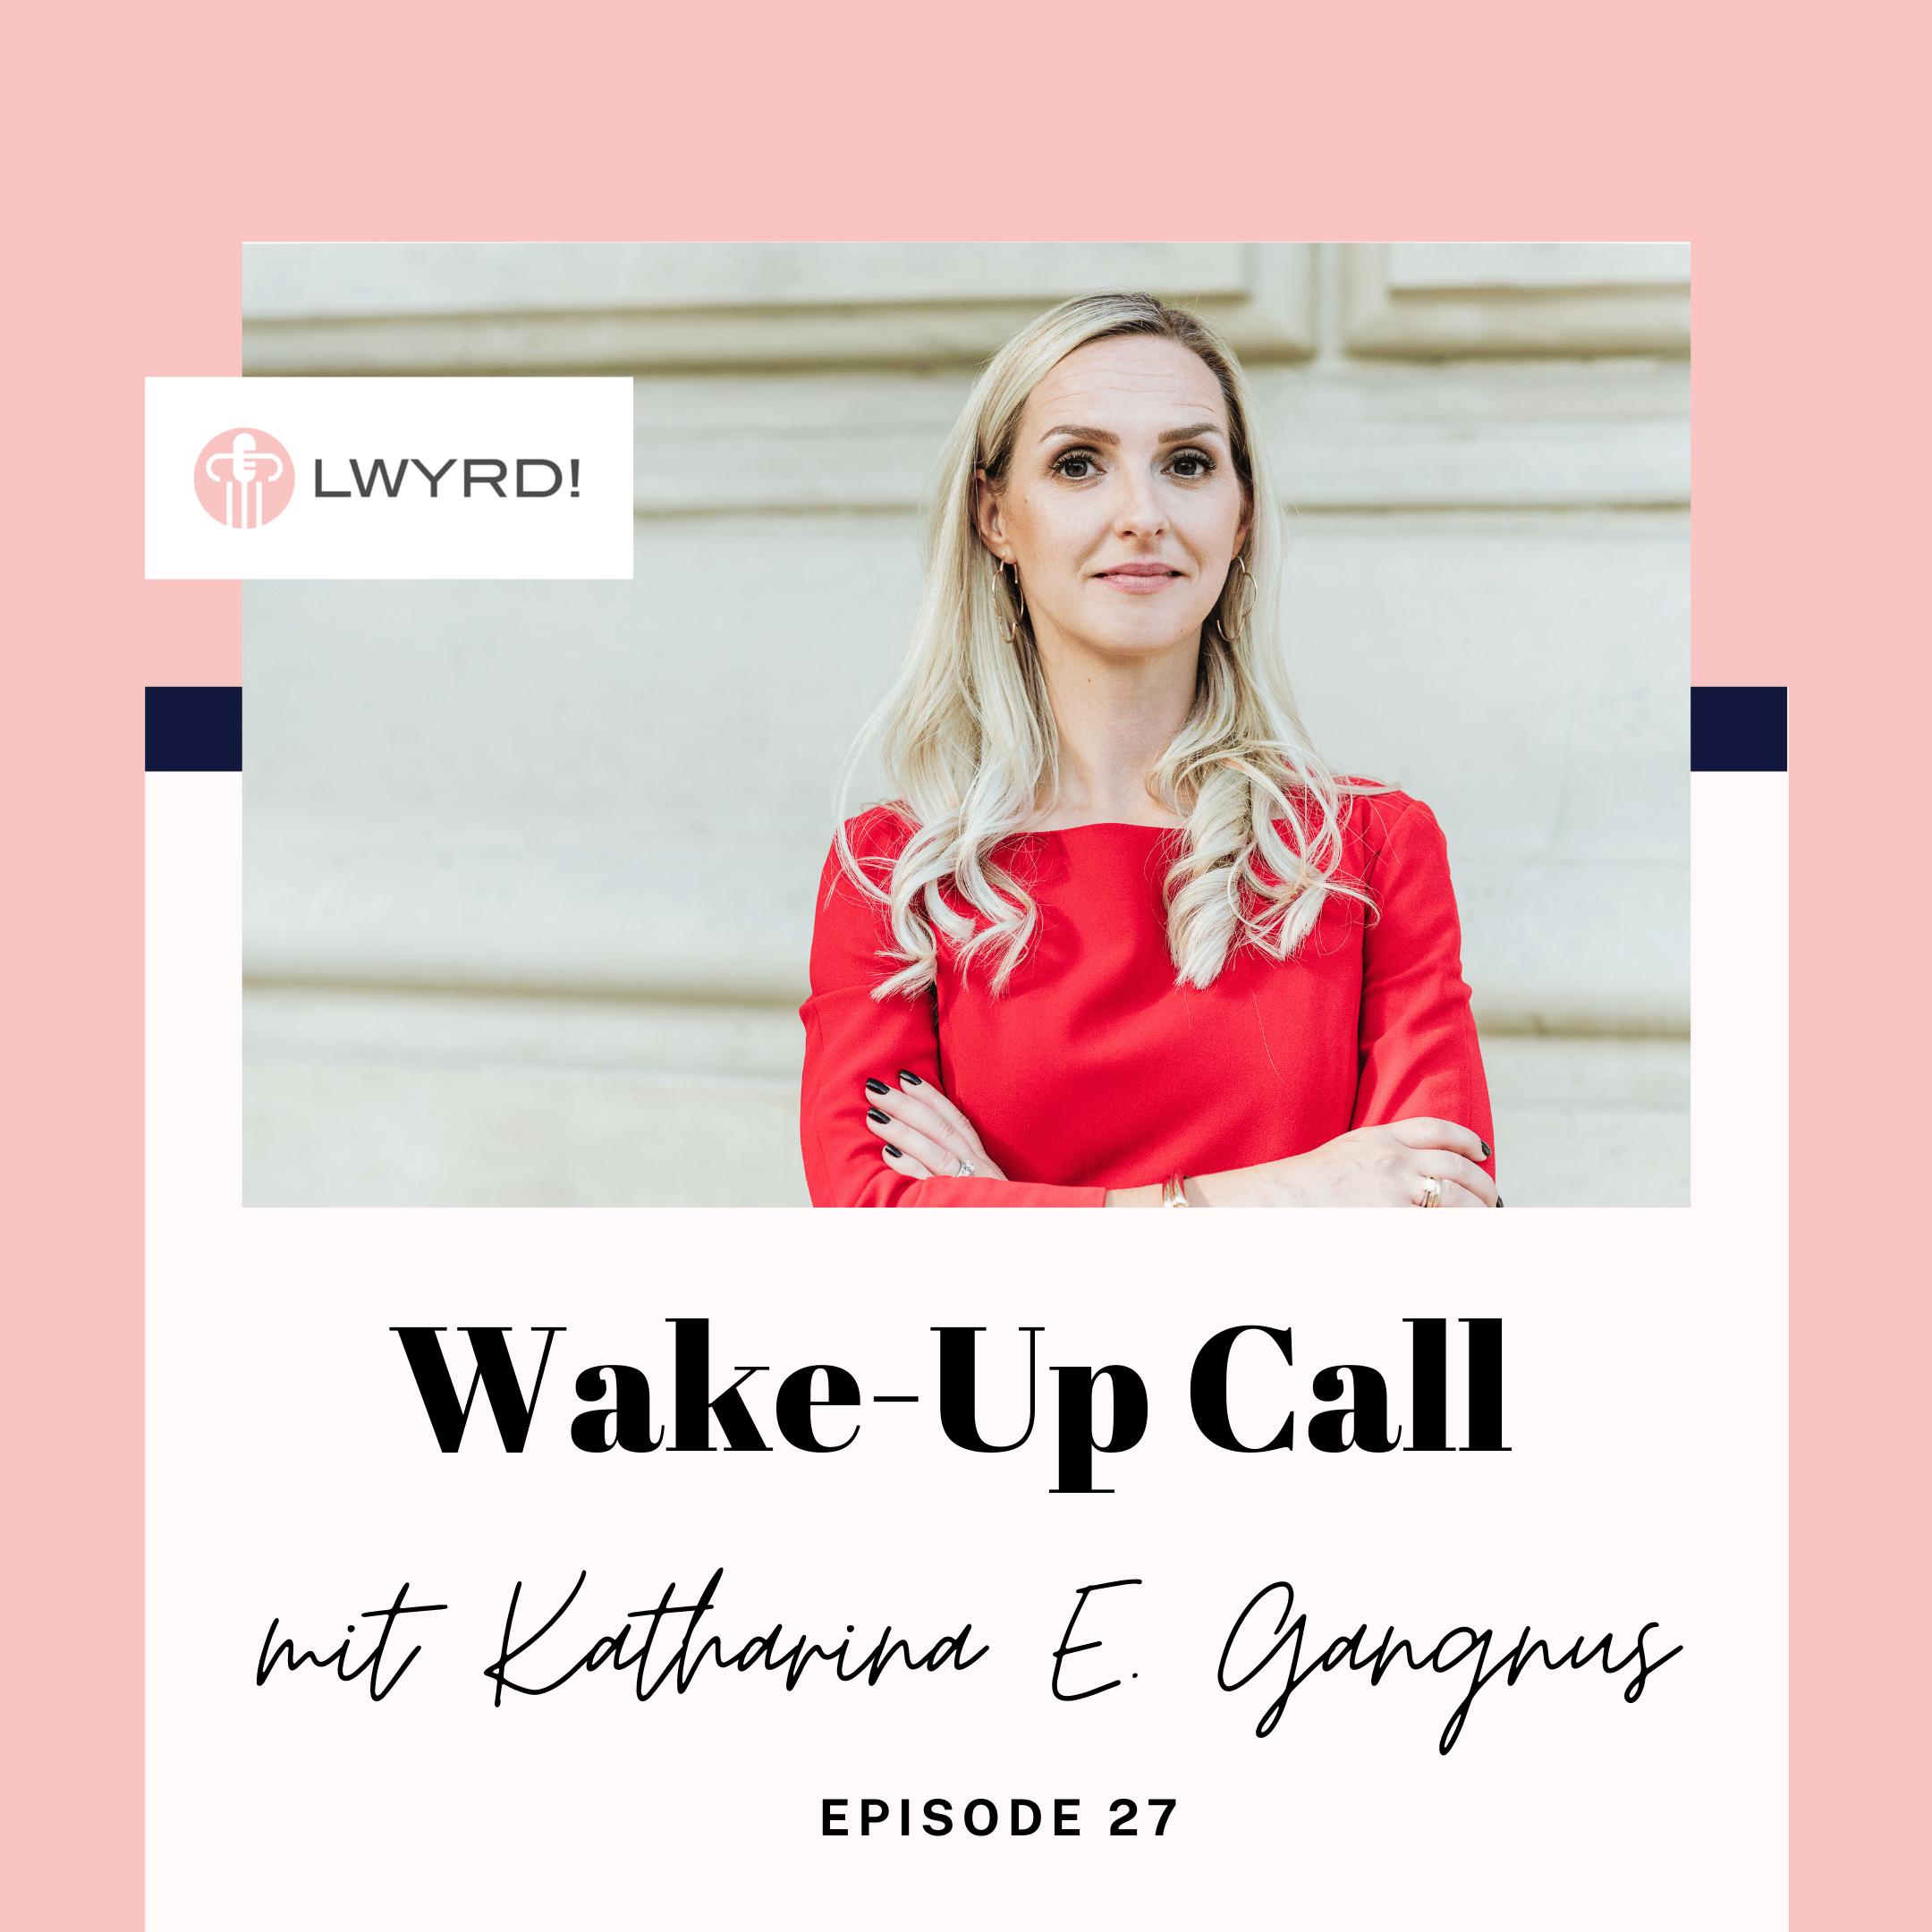 LWYRD! Wake-up Call - Der perfekte CV